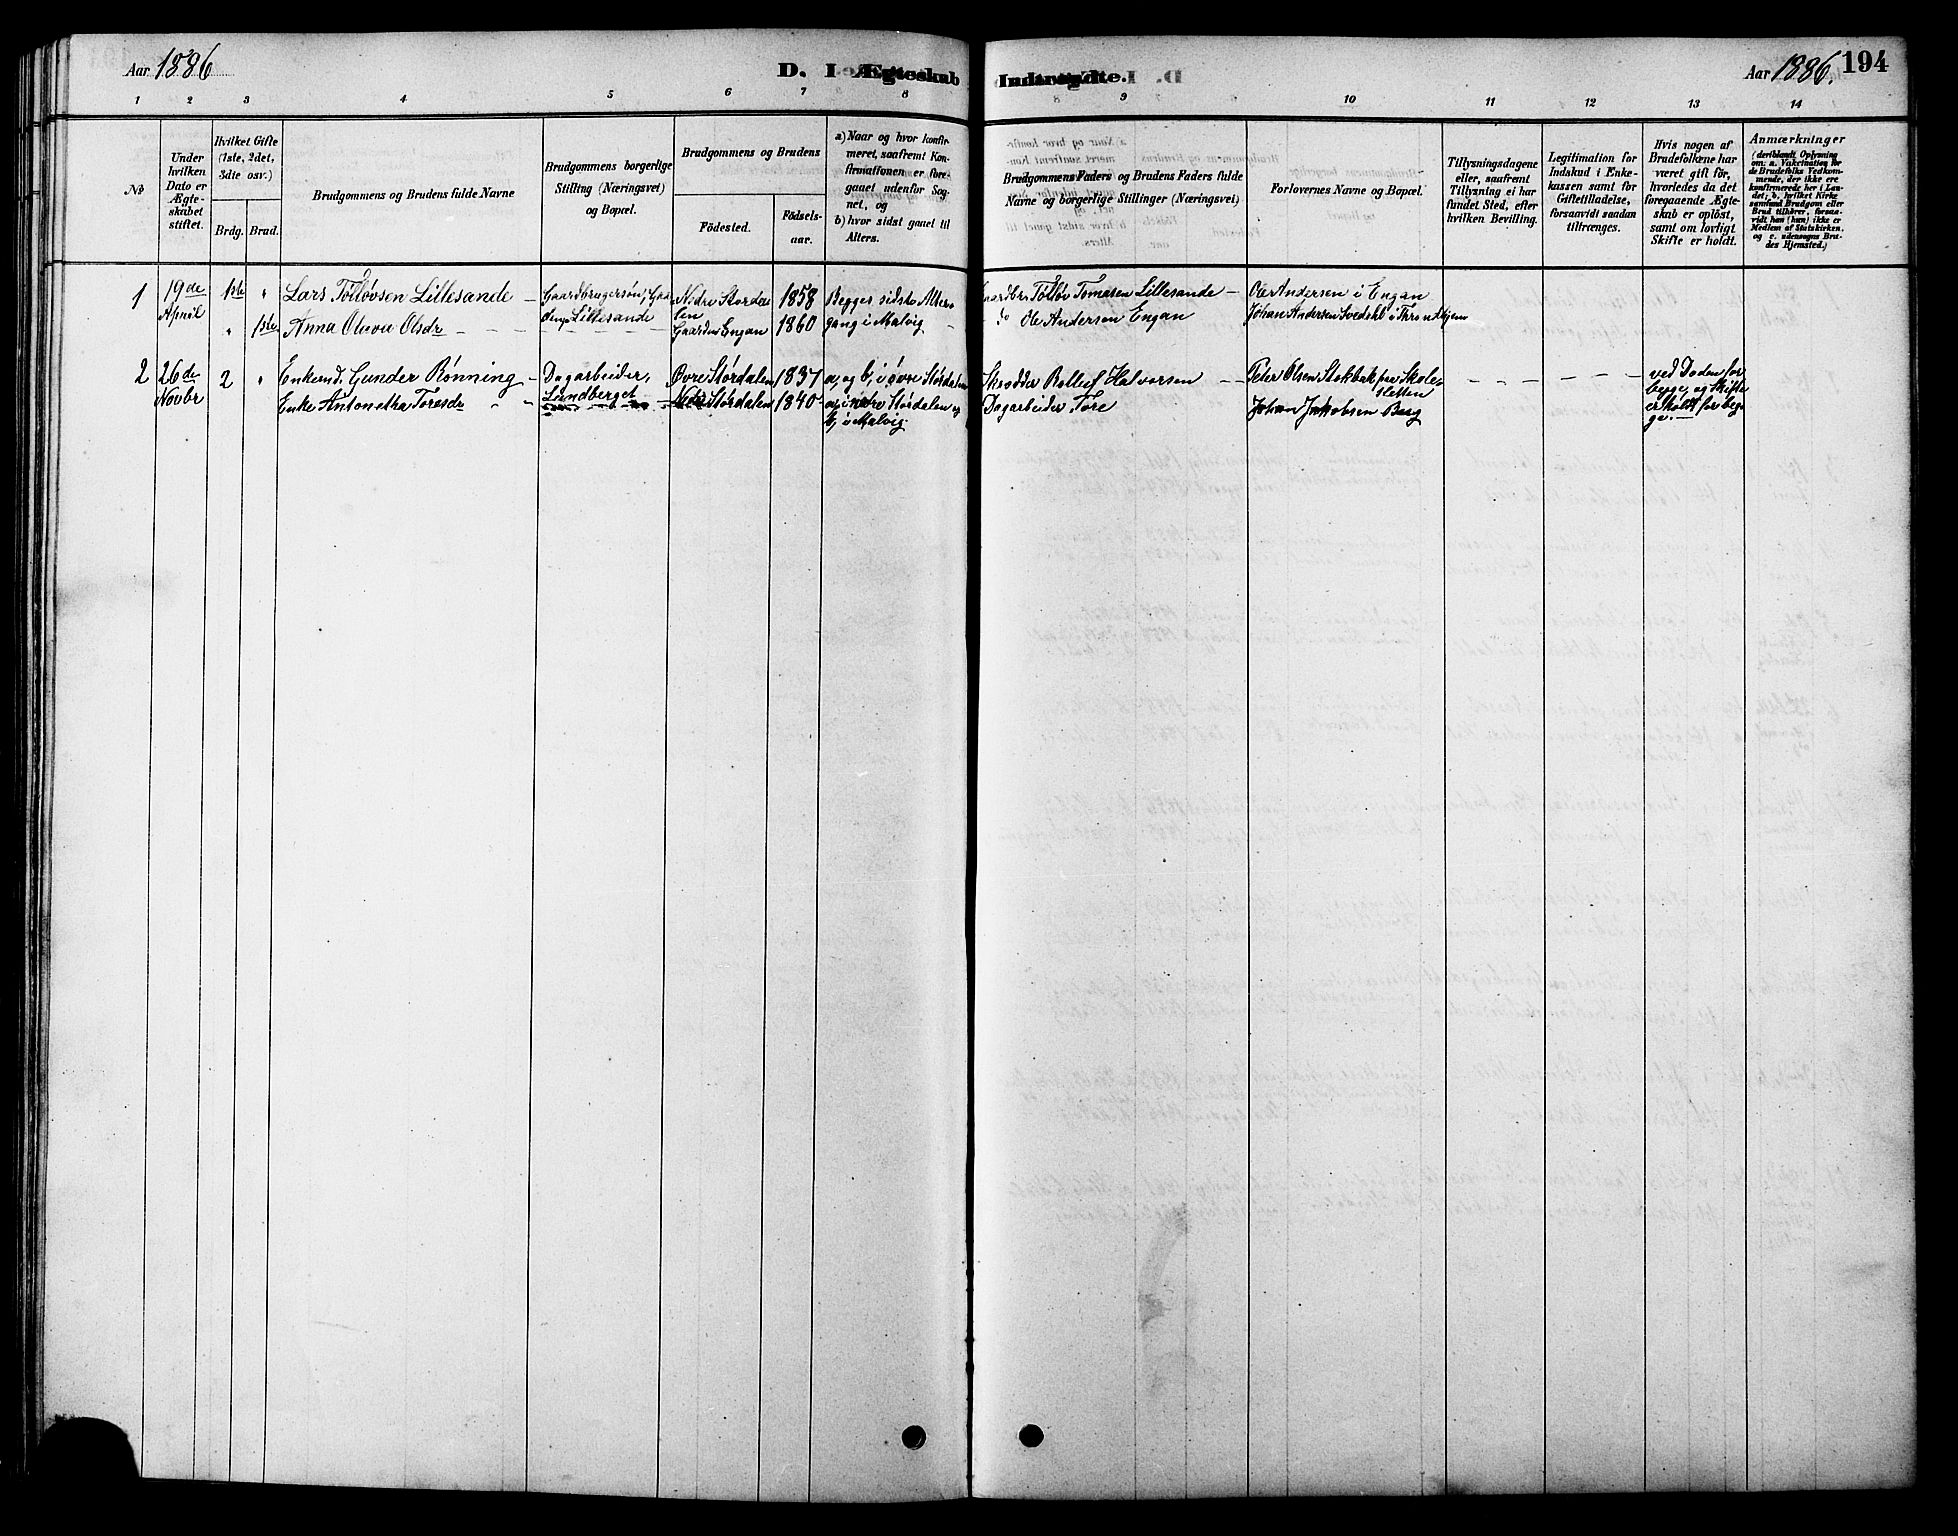 SAT, Ministerialprotokoller, klokkerbøker og fødselsregistre - Sør-Trøndelag, 616/L0423: Klokkerbok nr. 616C06, 1878-1903, s. 194